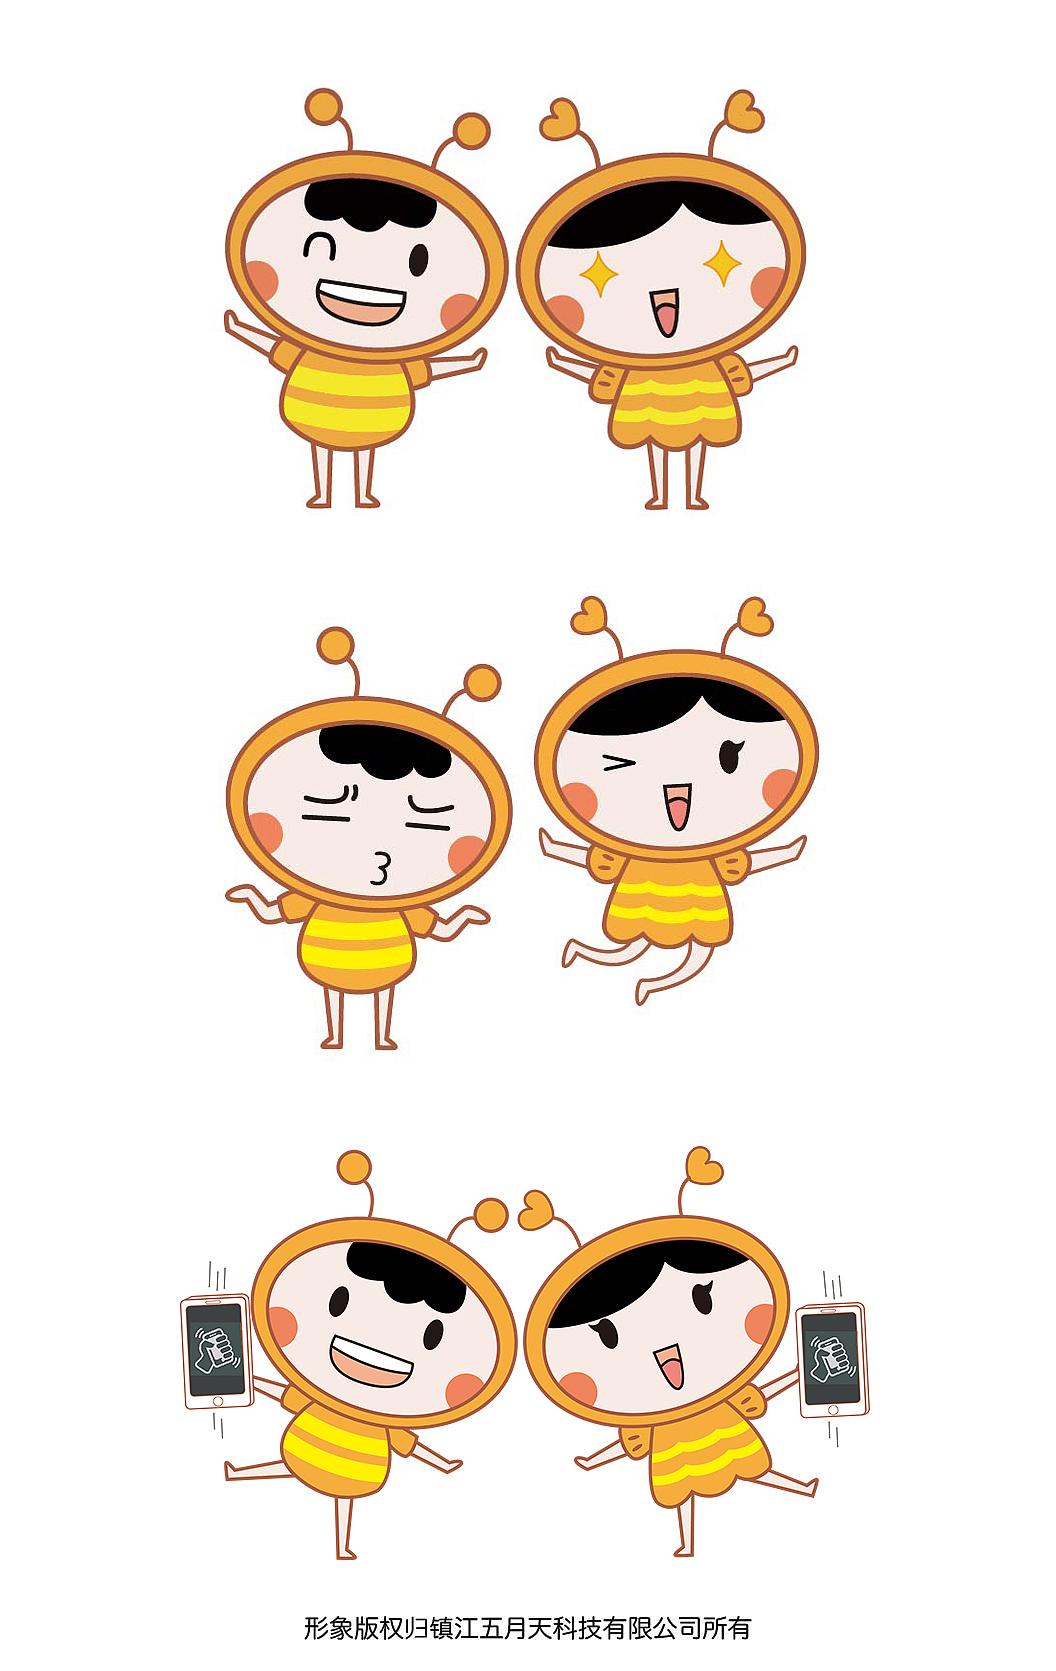 卡通动漫色情网五月天_卡通形象版权归镇江五月天科技有限公司所有